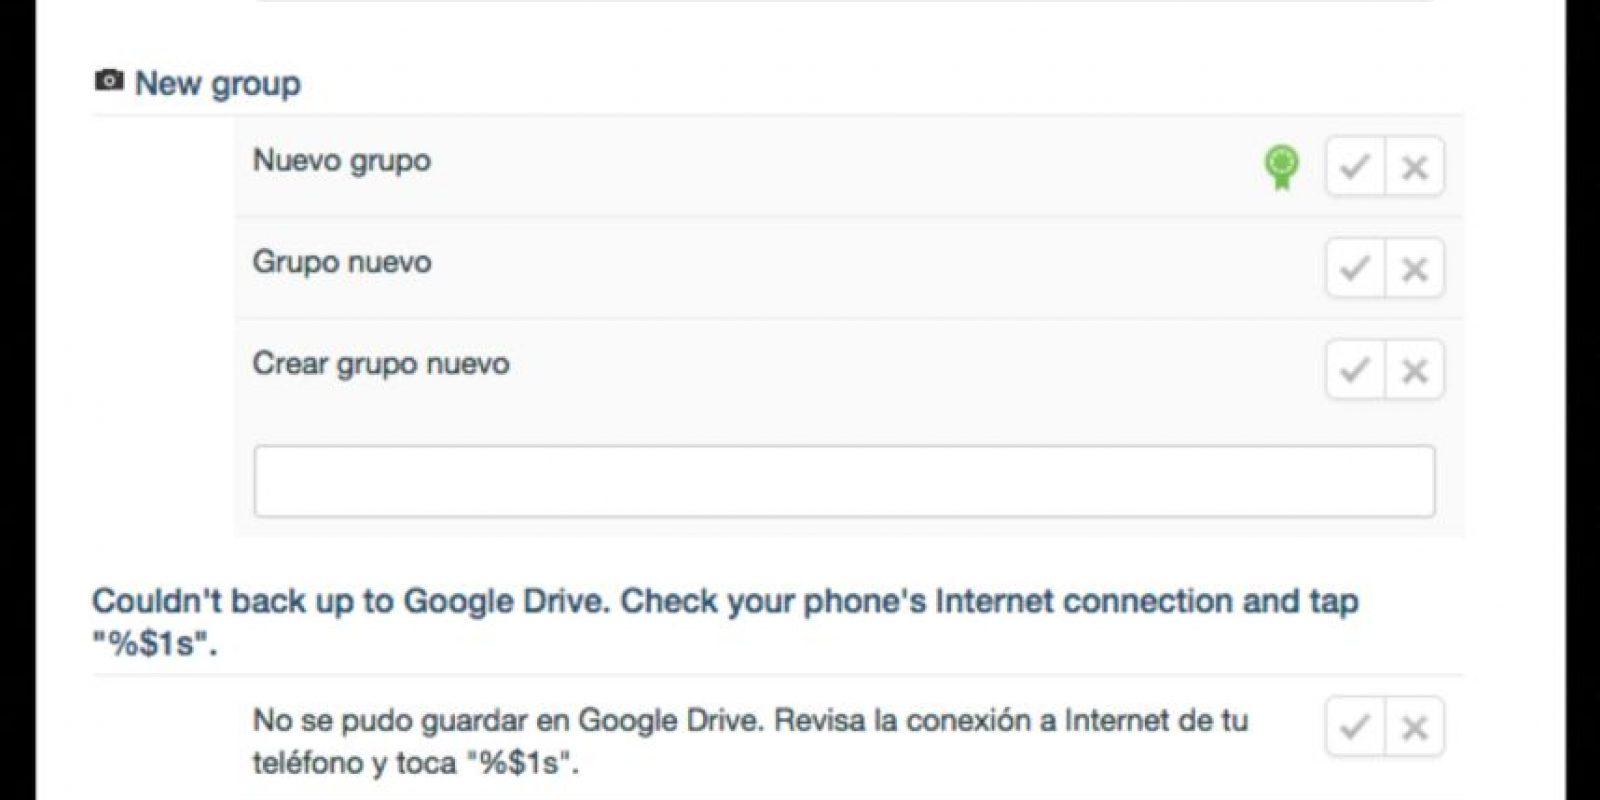 Otra noticia la dieron Google y WhatsApp. Guardar todos tus archivos en el Drive ya es posible. Este es el mensaje que lo confirma. Foto:WhatsApp Traslation